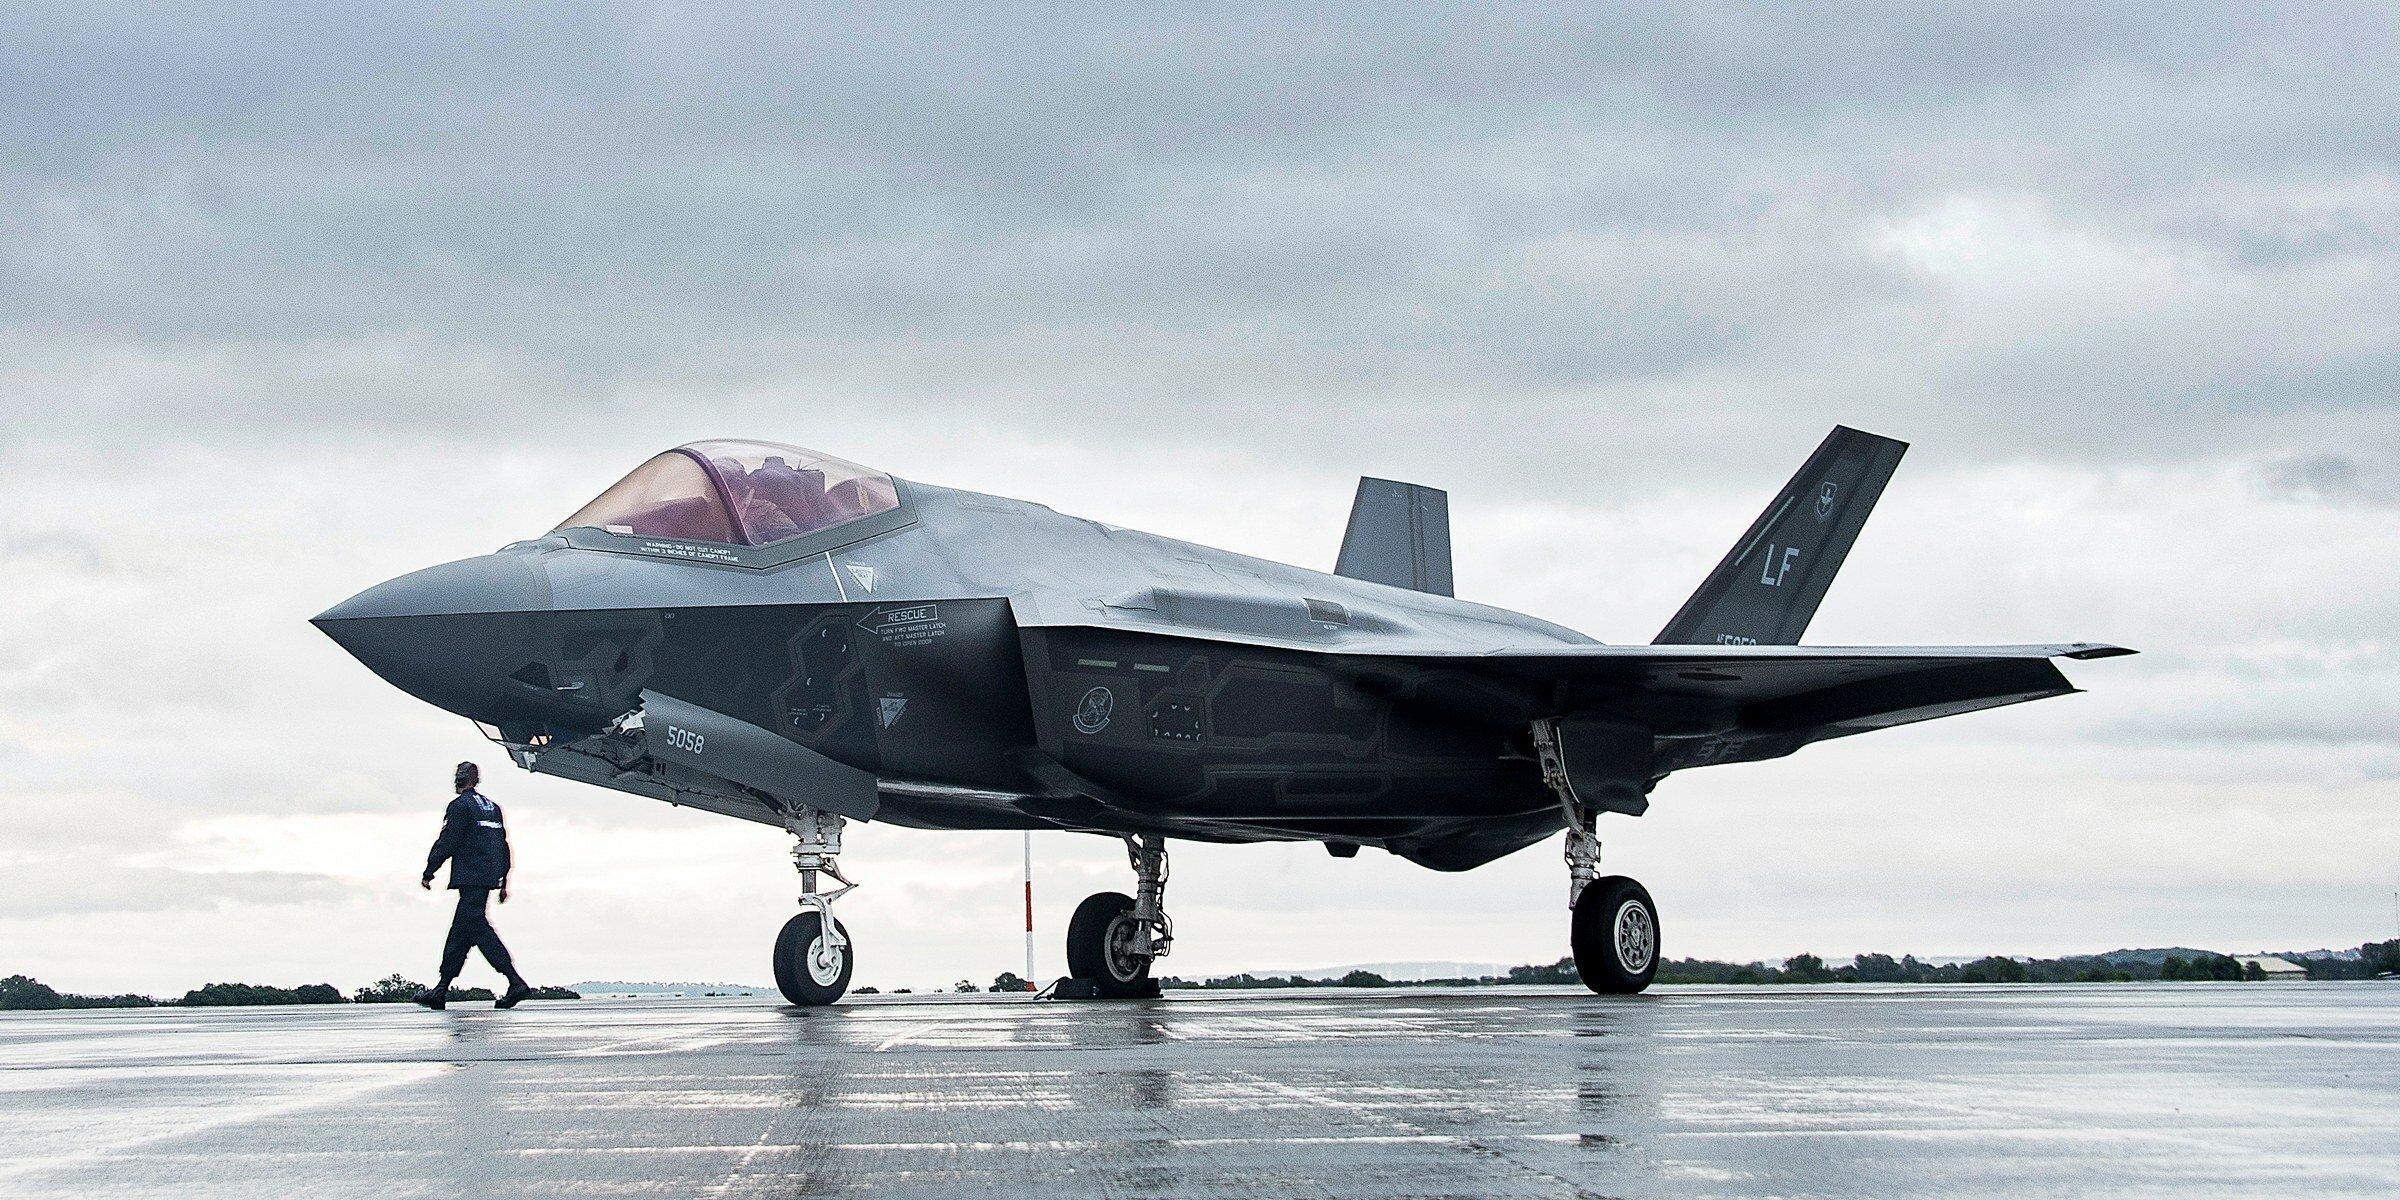 ABD Hava Kuvvetleri'nin elindeki F-35'lerin yüzde 15'inin motoru çalışmıyor